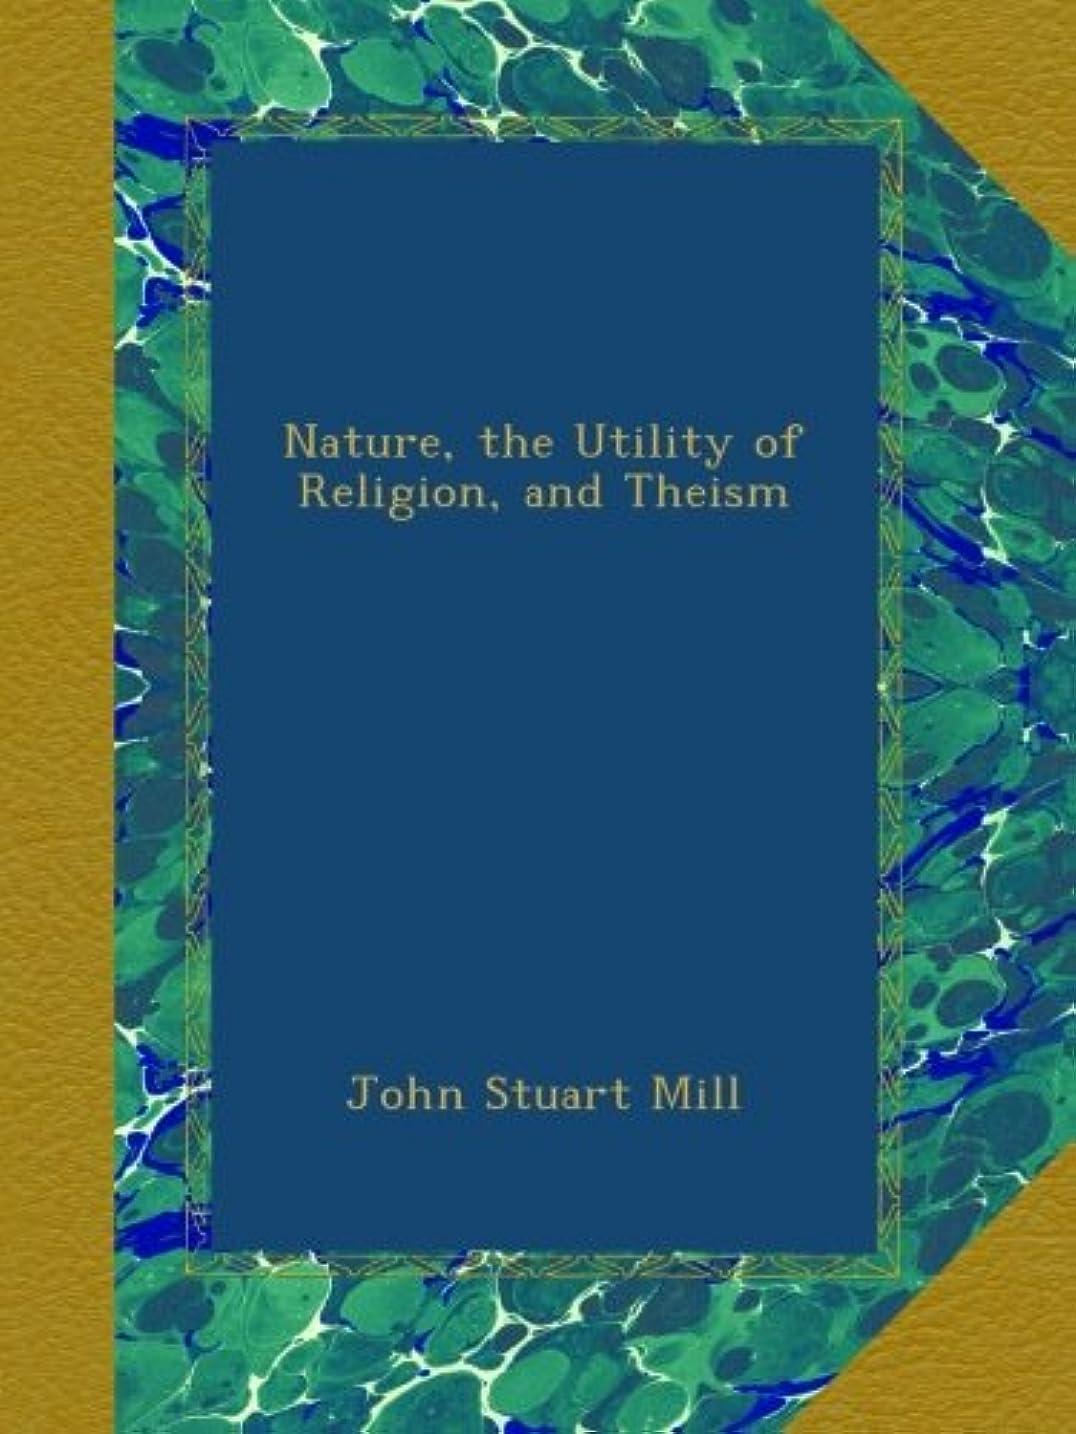 モール村申し立てNature, the Utility of Religion, and Theism